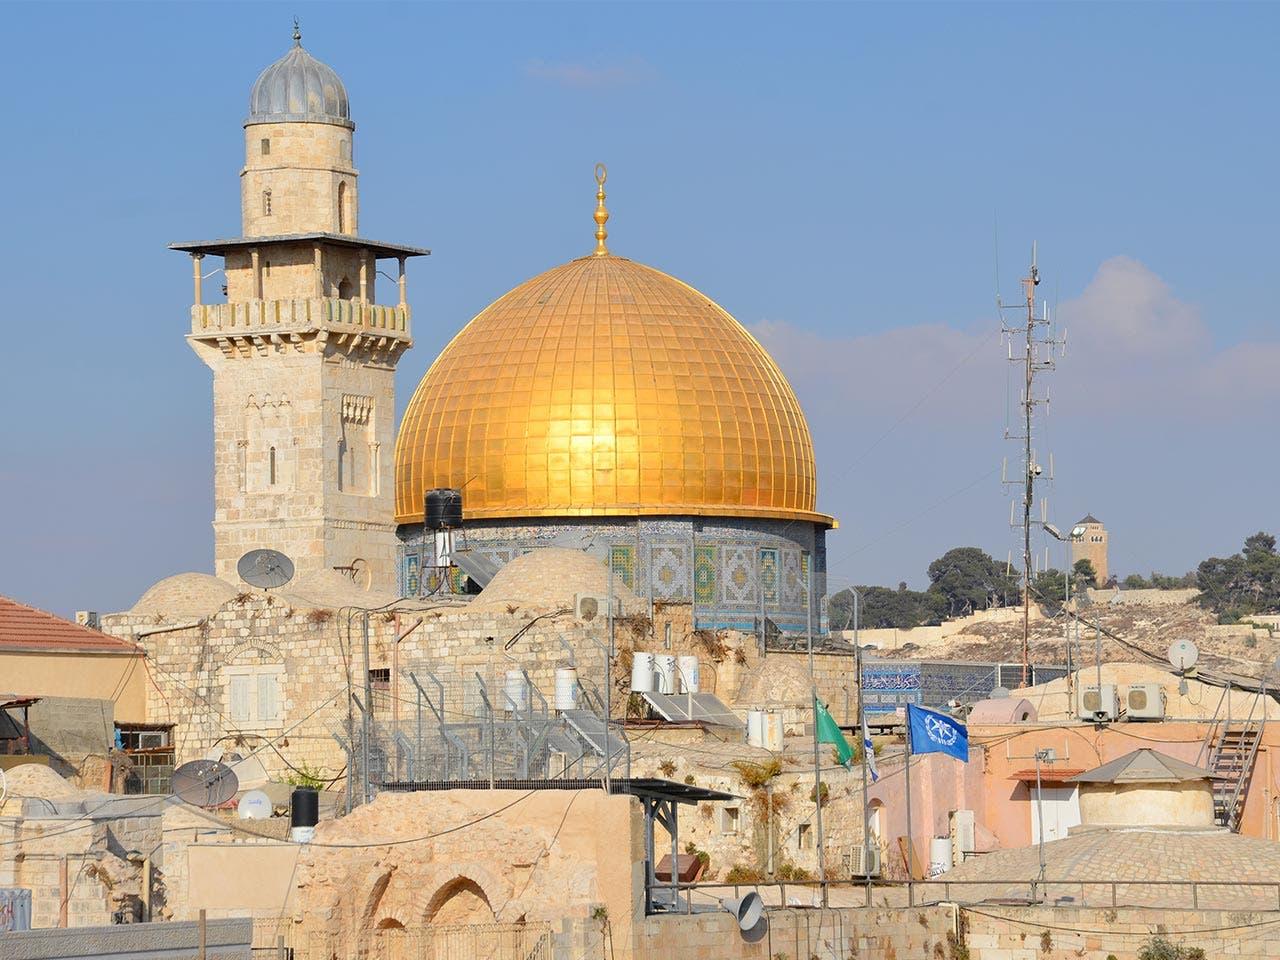 Israel | meunierd/Shutterstock.com